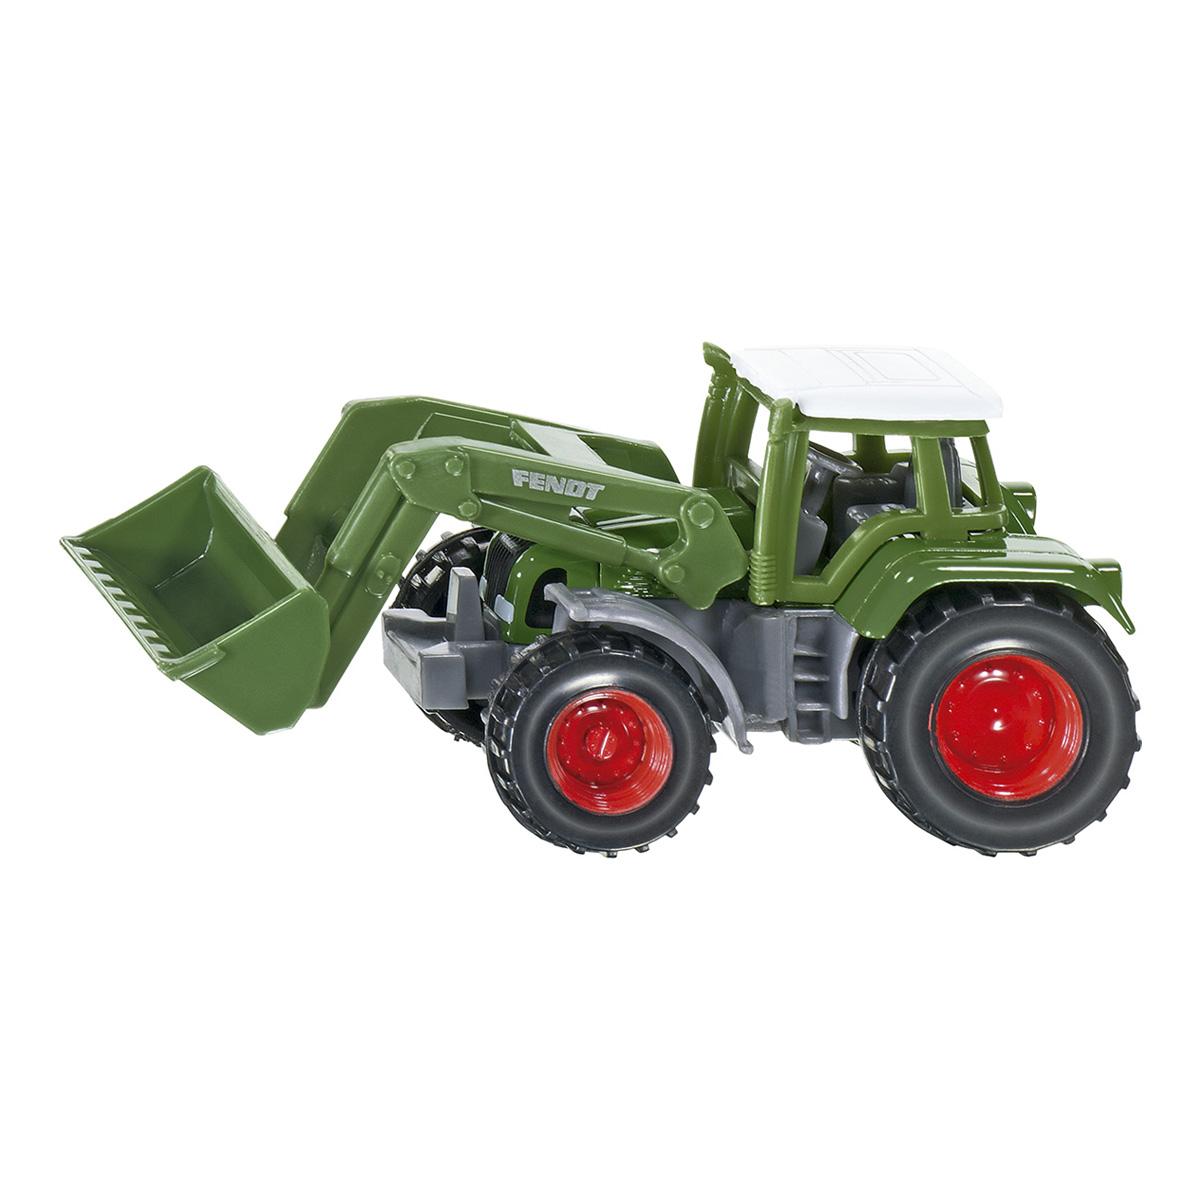 フェント トラクター フロントローダー付き(ジク・SIKU)